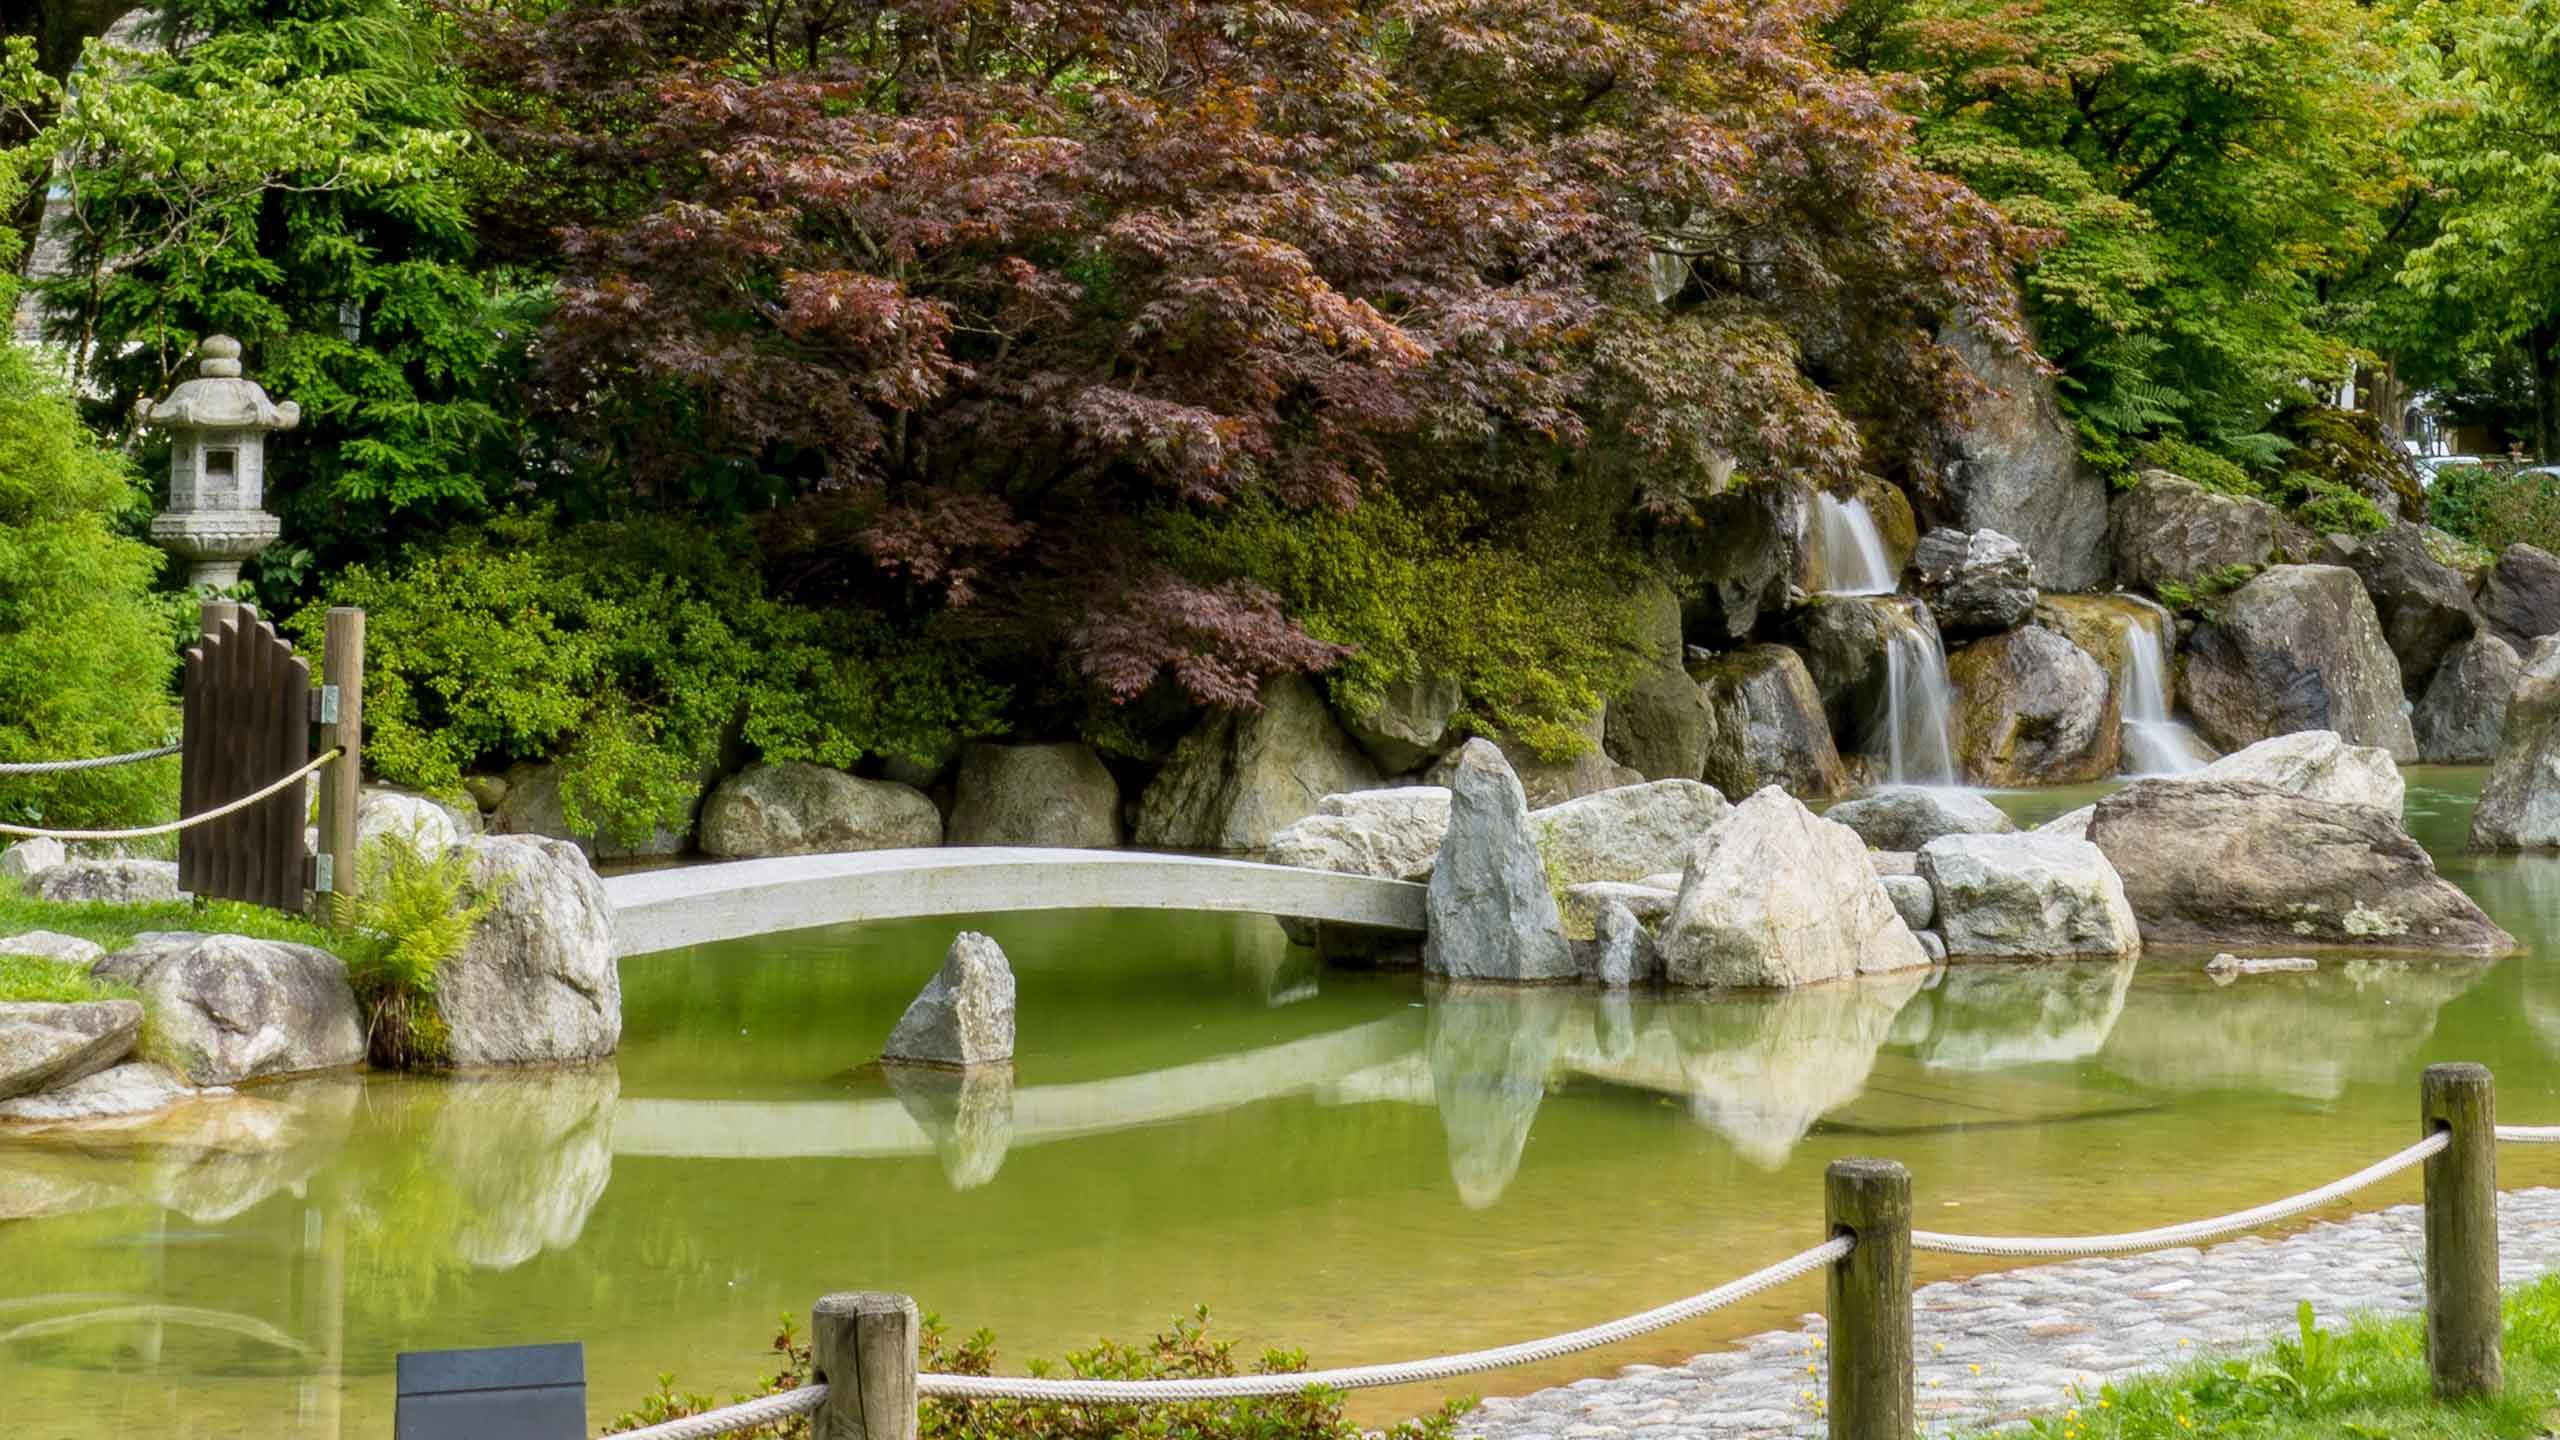 japanischer-garten-interlaken-teich-fruehling.jpg